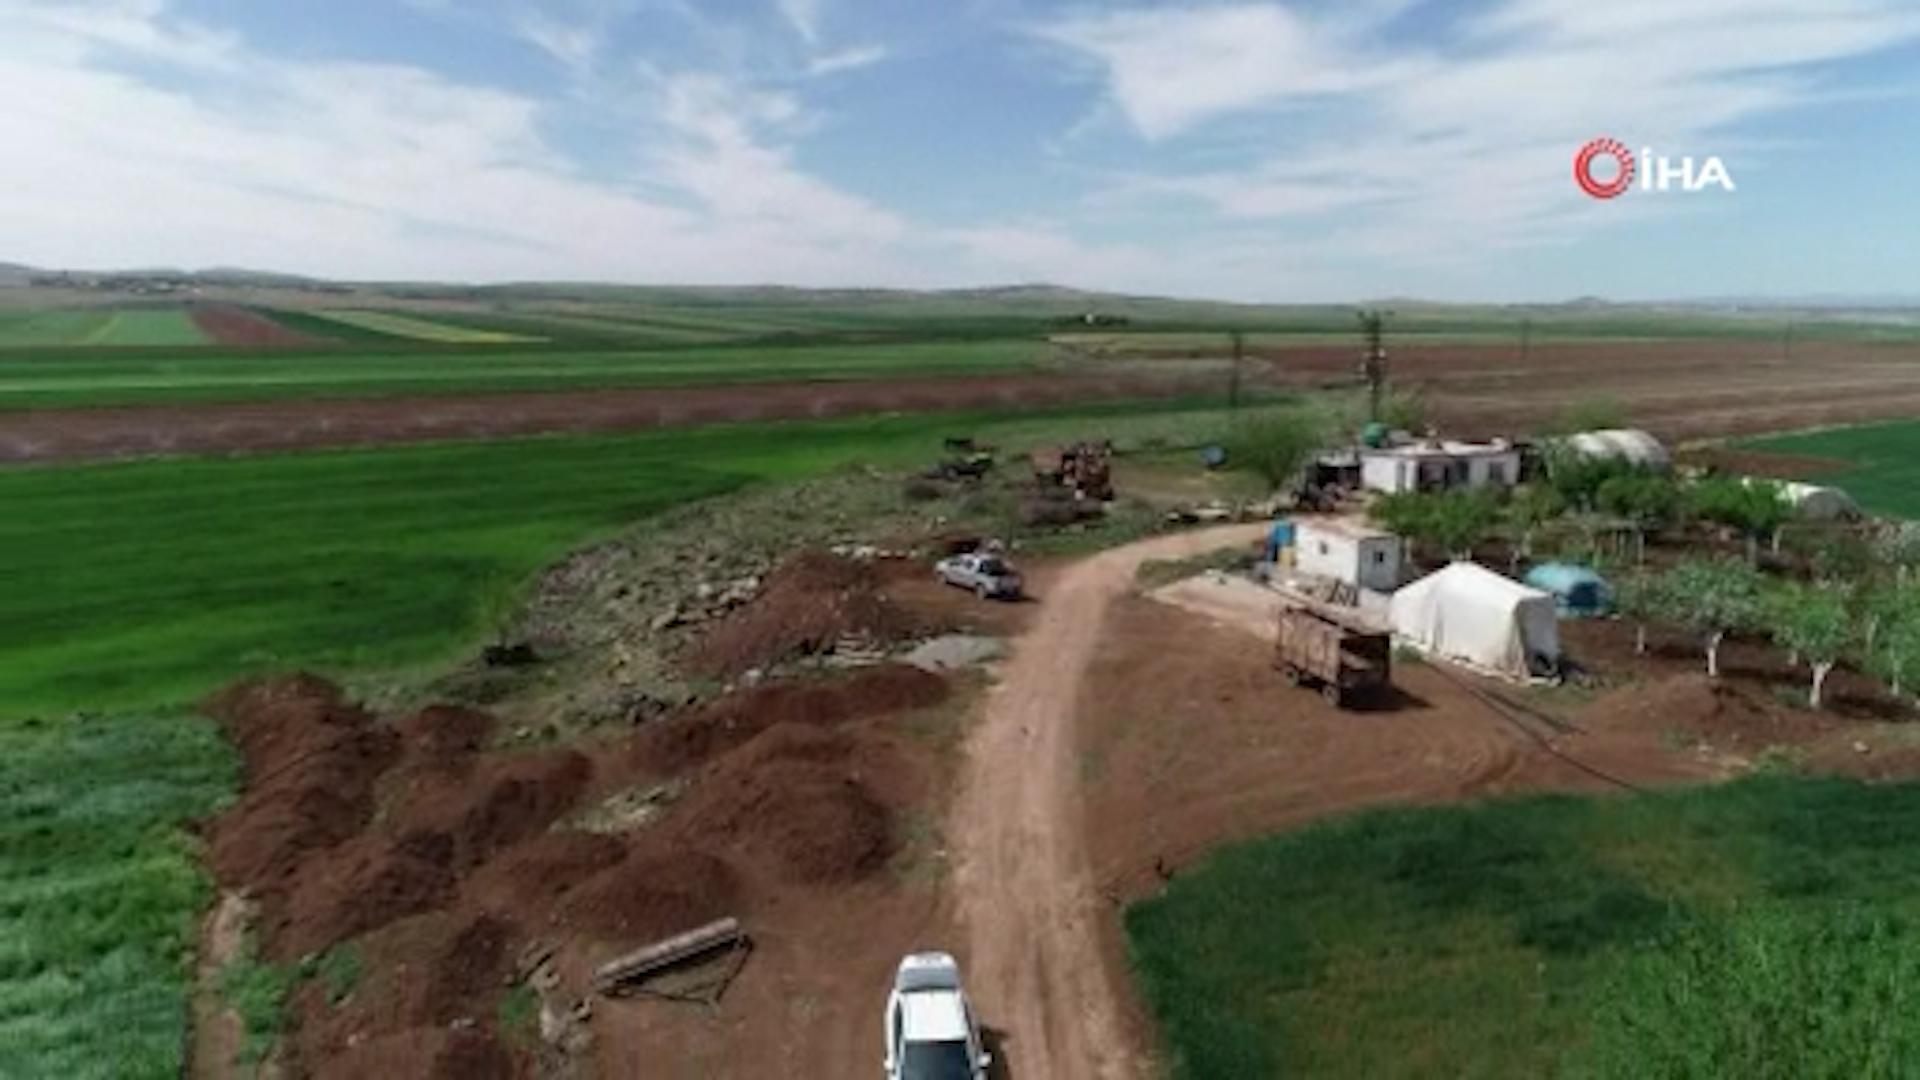 Diyarbakır'da kaçak kullanımı tespit için havalanan drone'u taşladılar